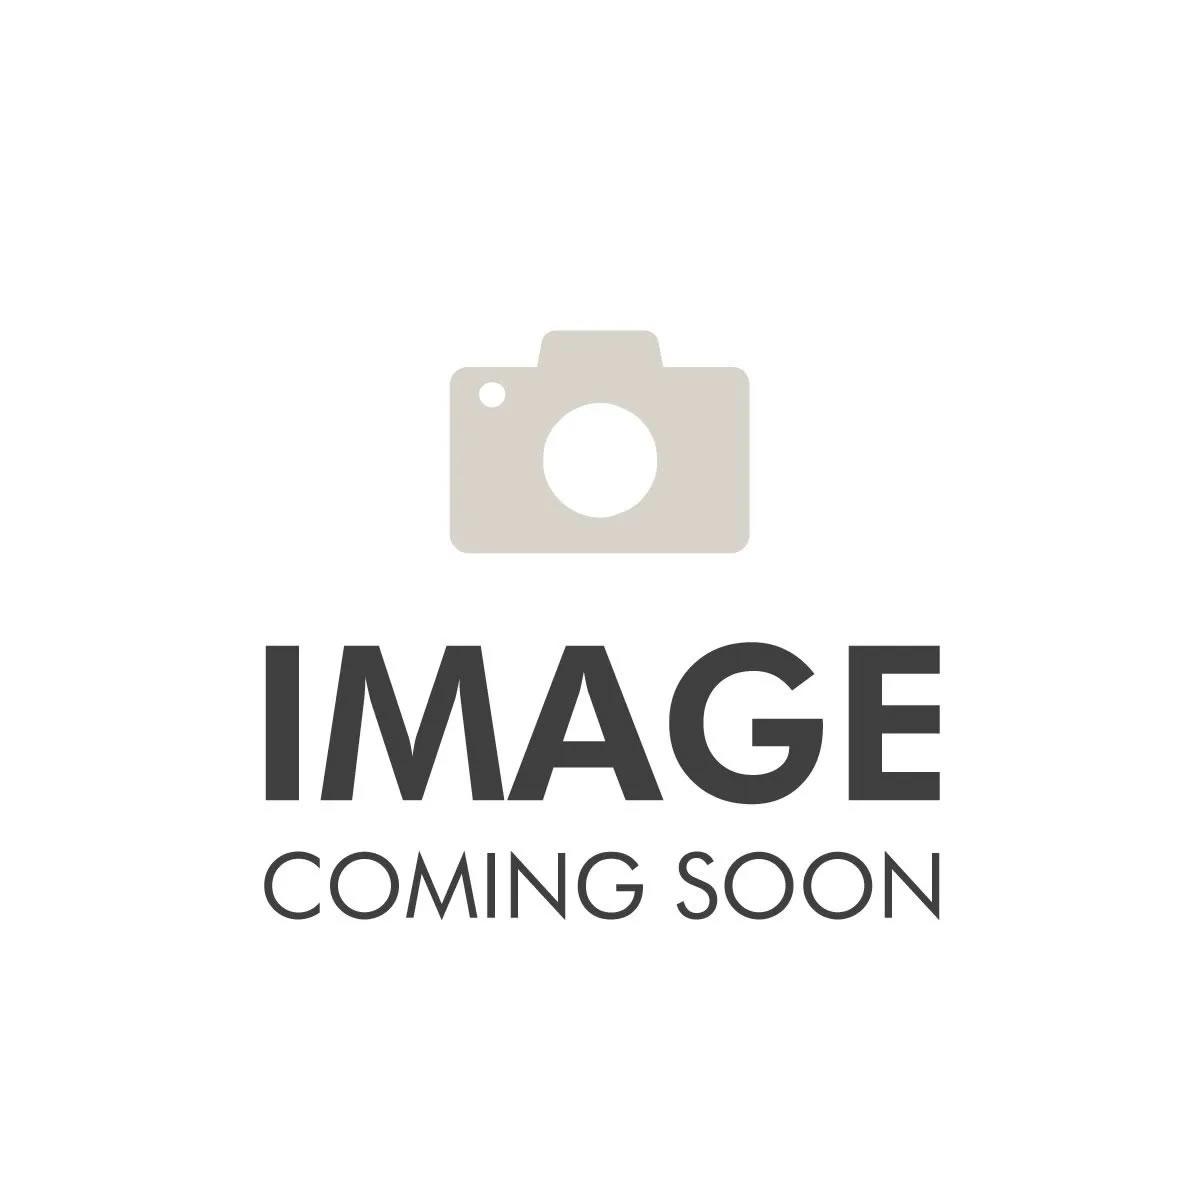 Billet Grille Insert Black 07-12 Jeep JK Wrangler